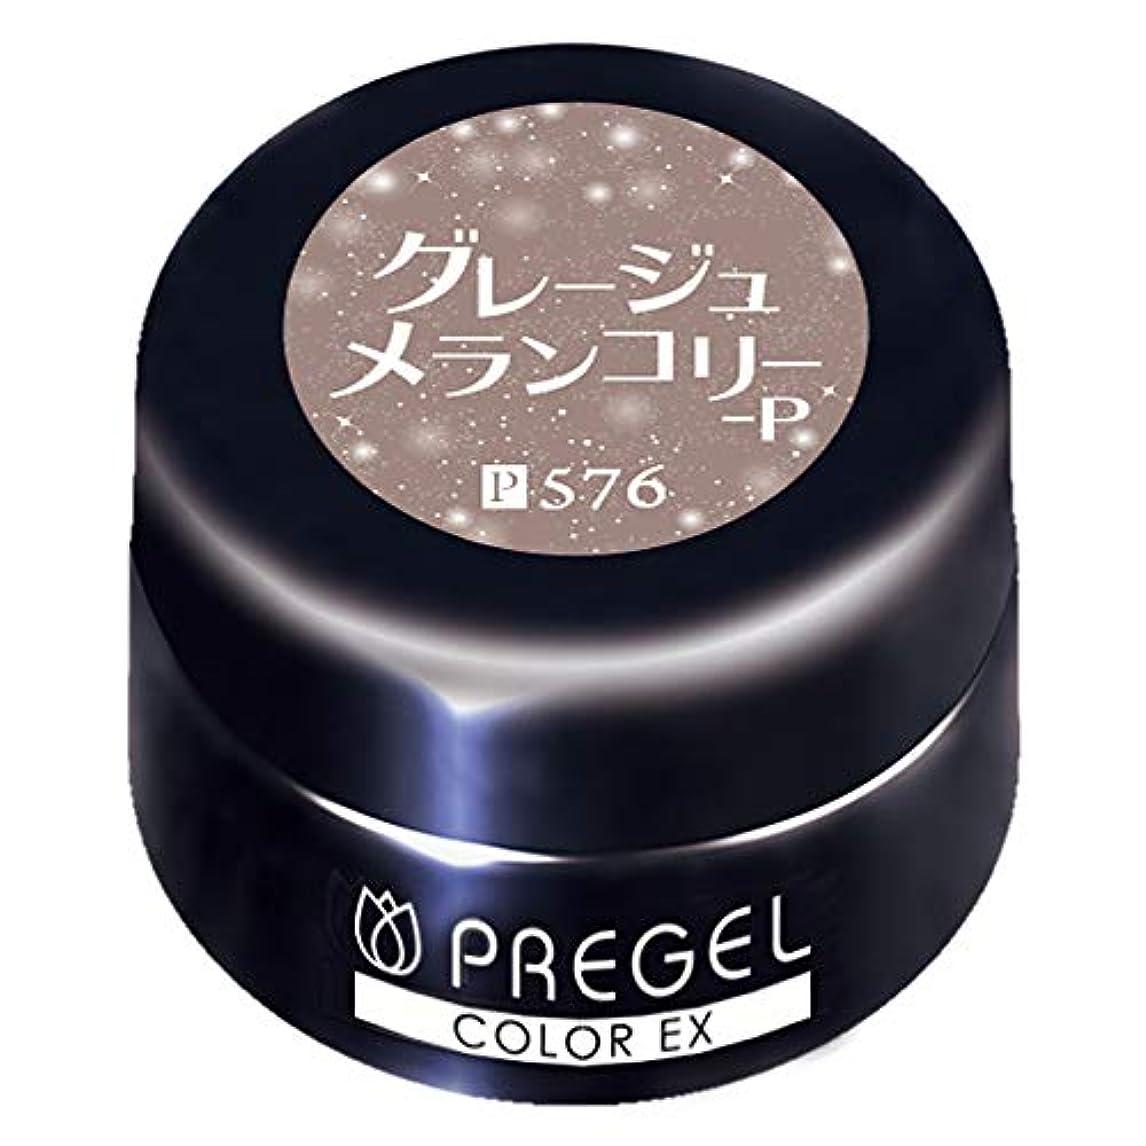 お互い出発省略PRE GEL(プリジェル) PRE GEL カラージェル カラーEX グレージュメランコリー-P 3g PG-CE576 UV/LED対応 ジェルネイル